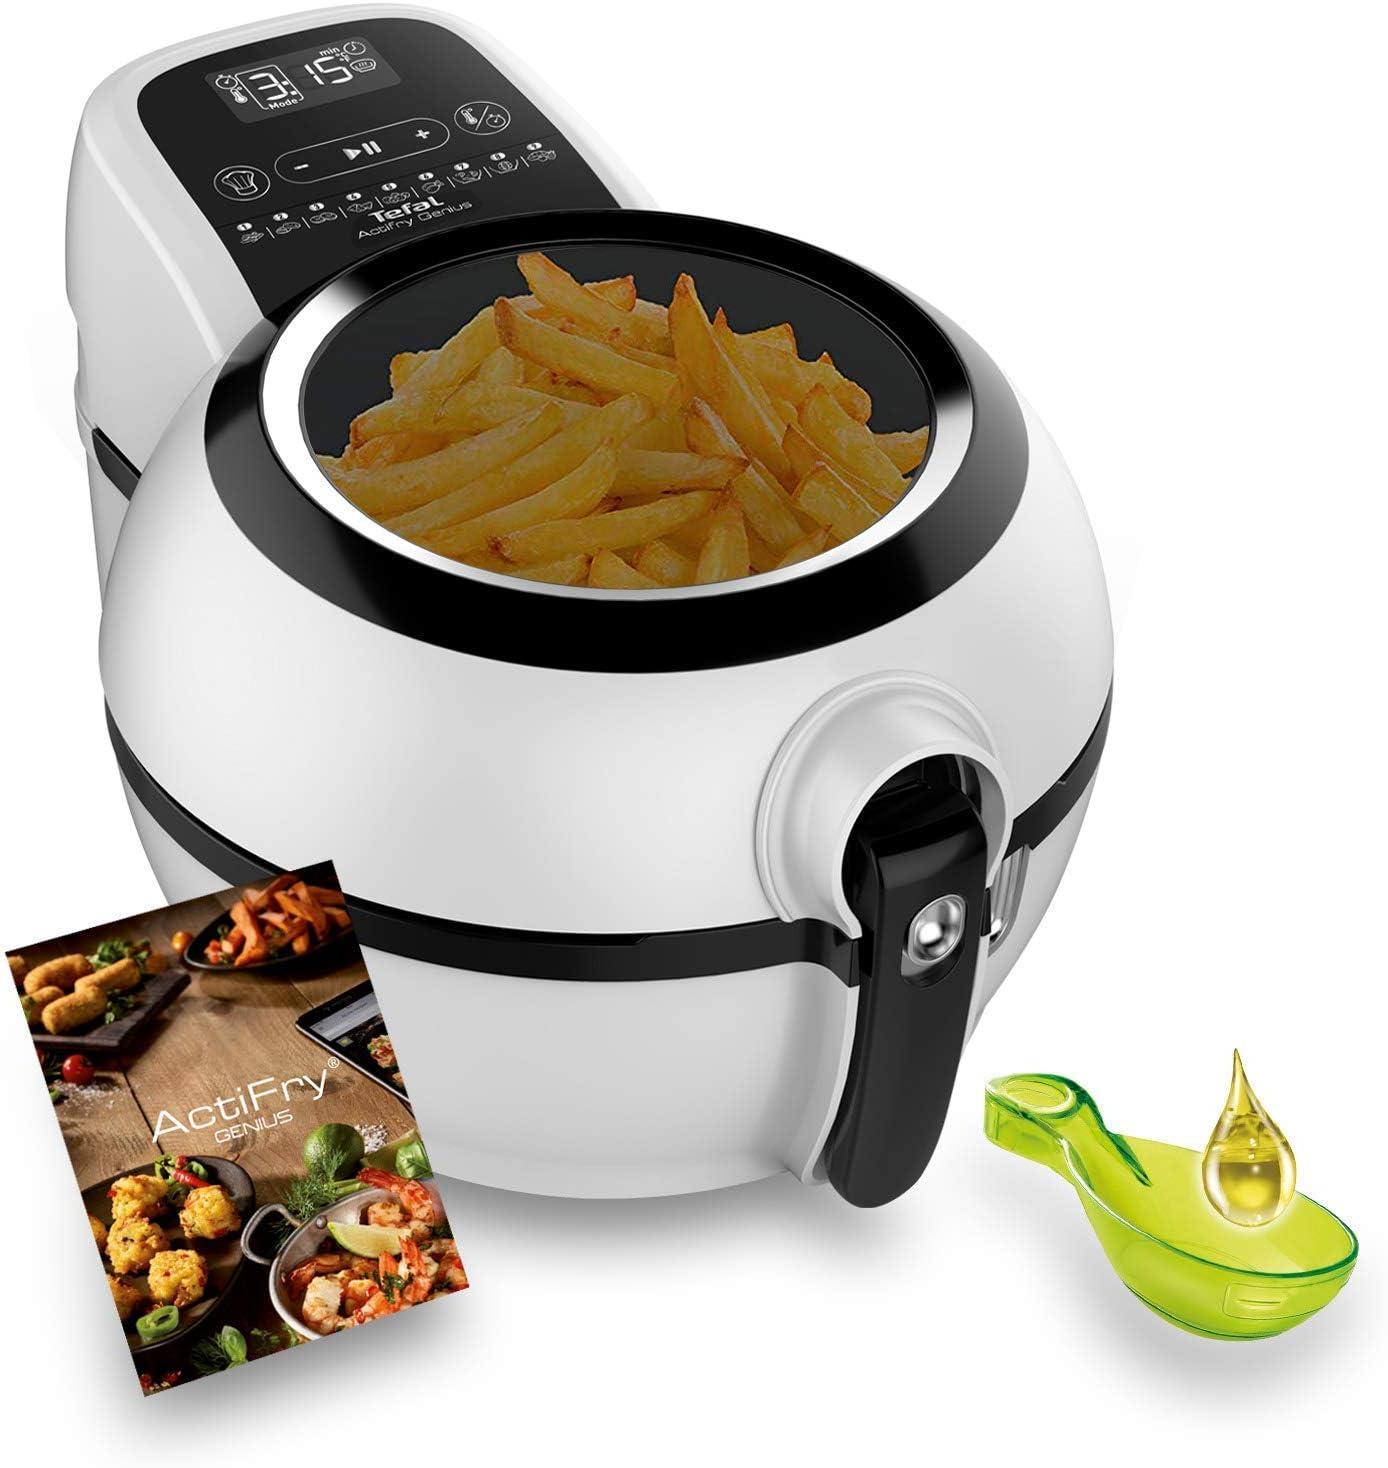 Tefal FZ761015 Actifry Genius Snaking - Freidora sin aceite, 1,2 kg, con 9 programas automáticos, panel táctil intuitivo, apto para lavavajillas, color negro (Reacondicionado Certificado): Amazon.es: Hogar